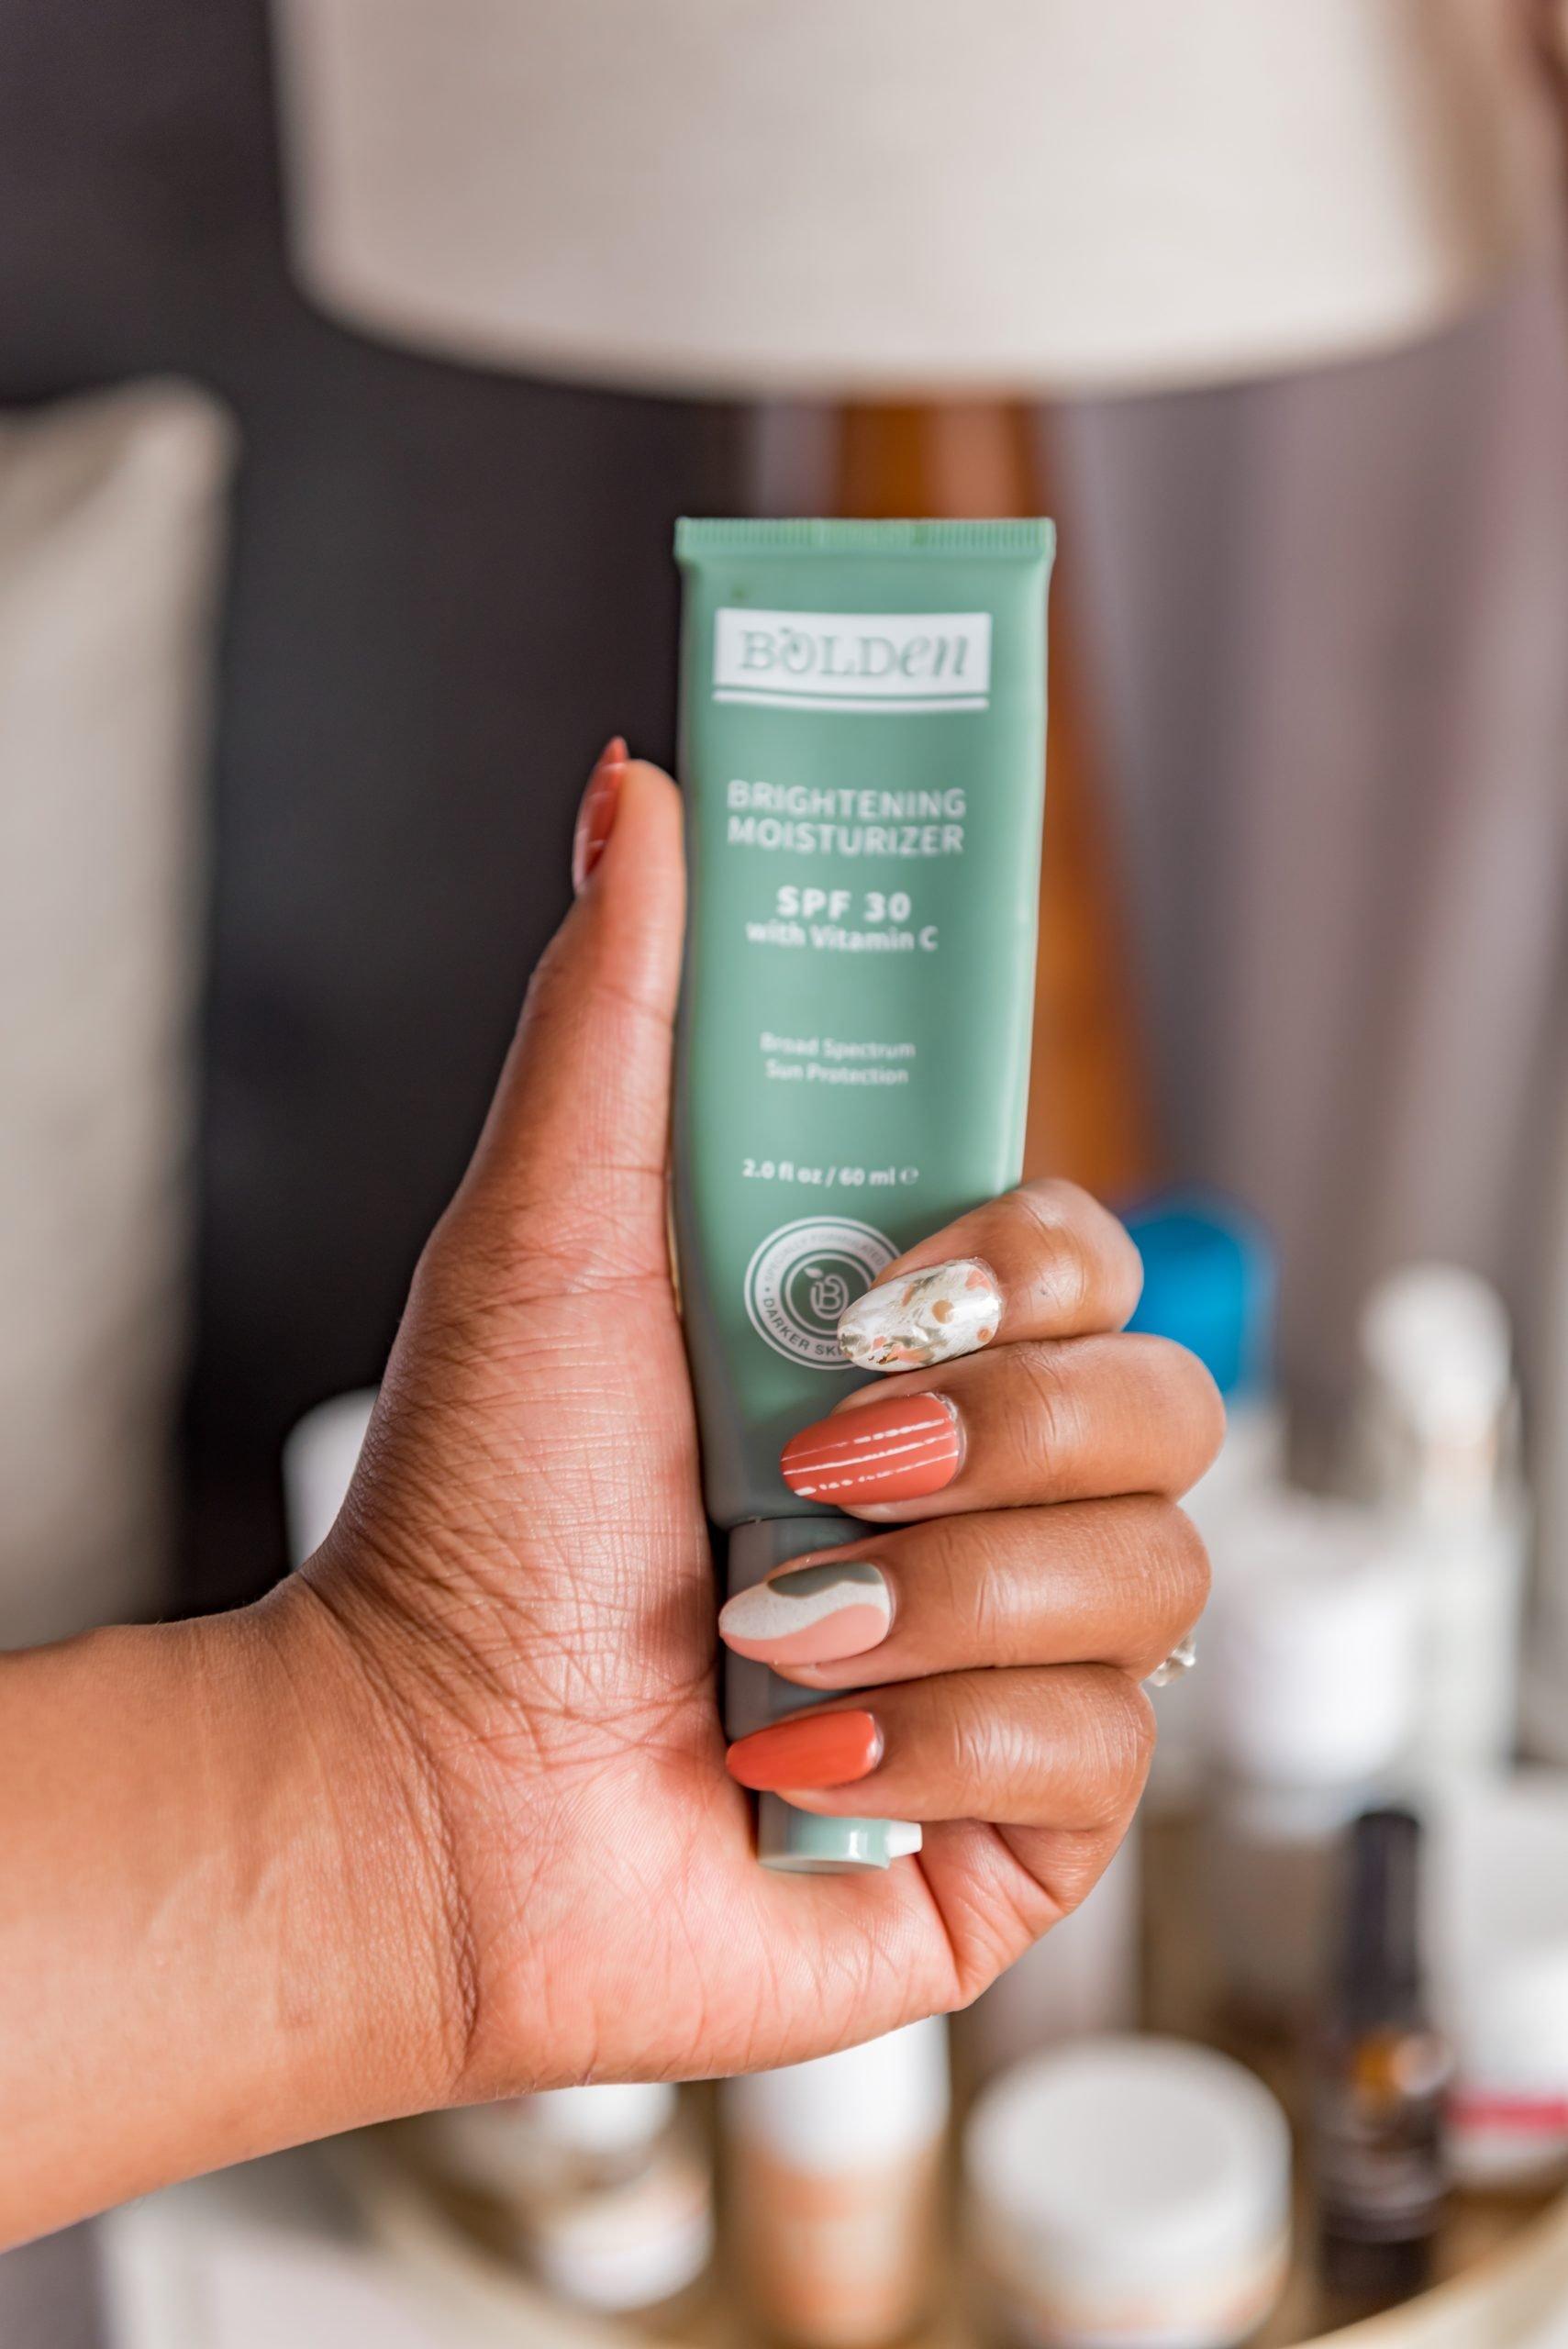 Bolden product in Ijeoma Kola's hand